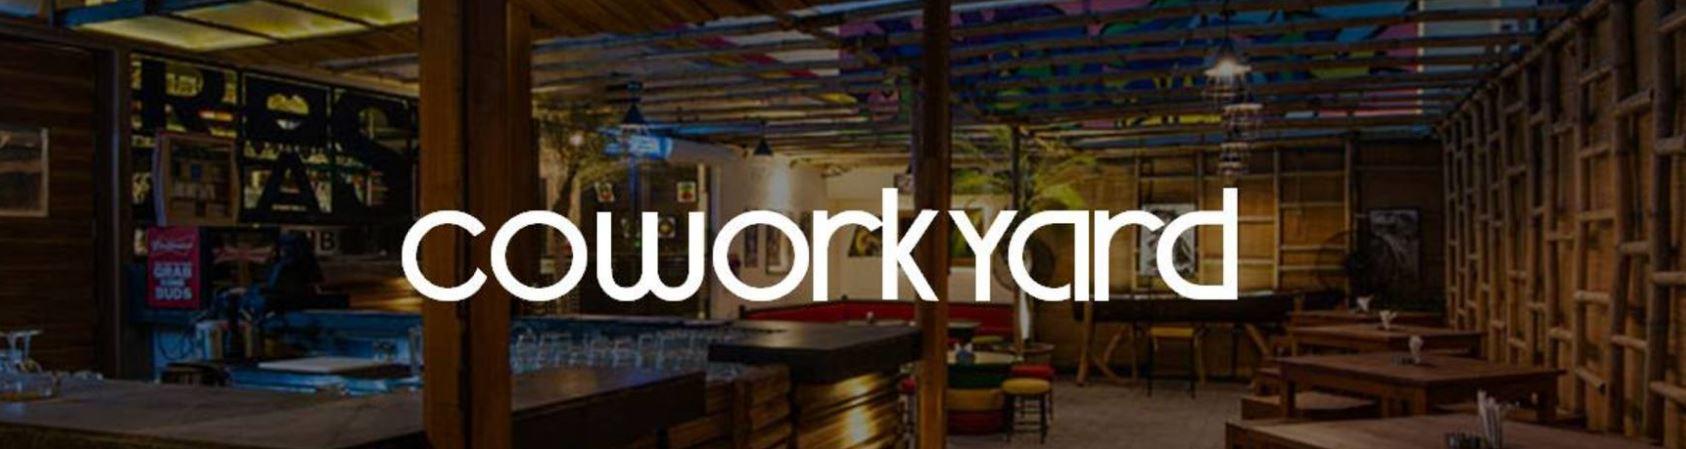 Coworkyard